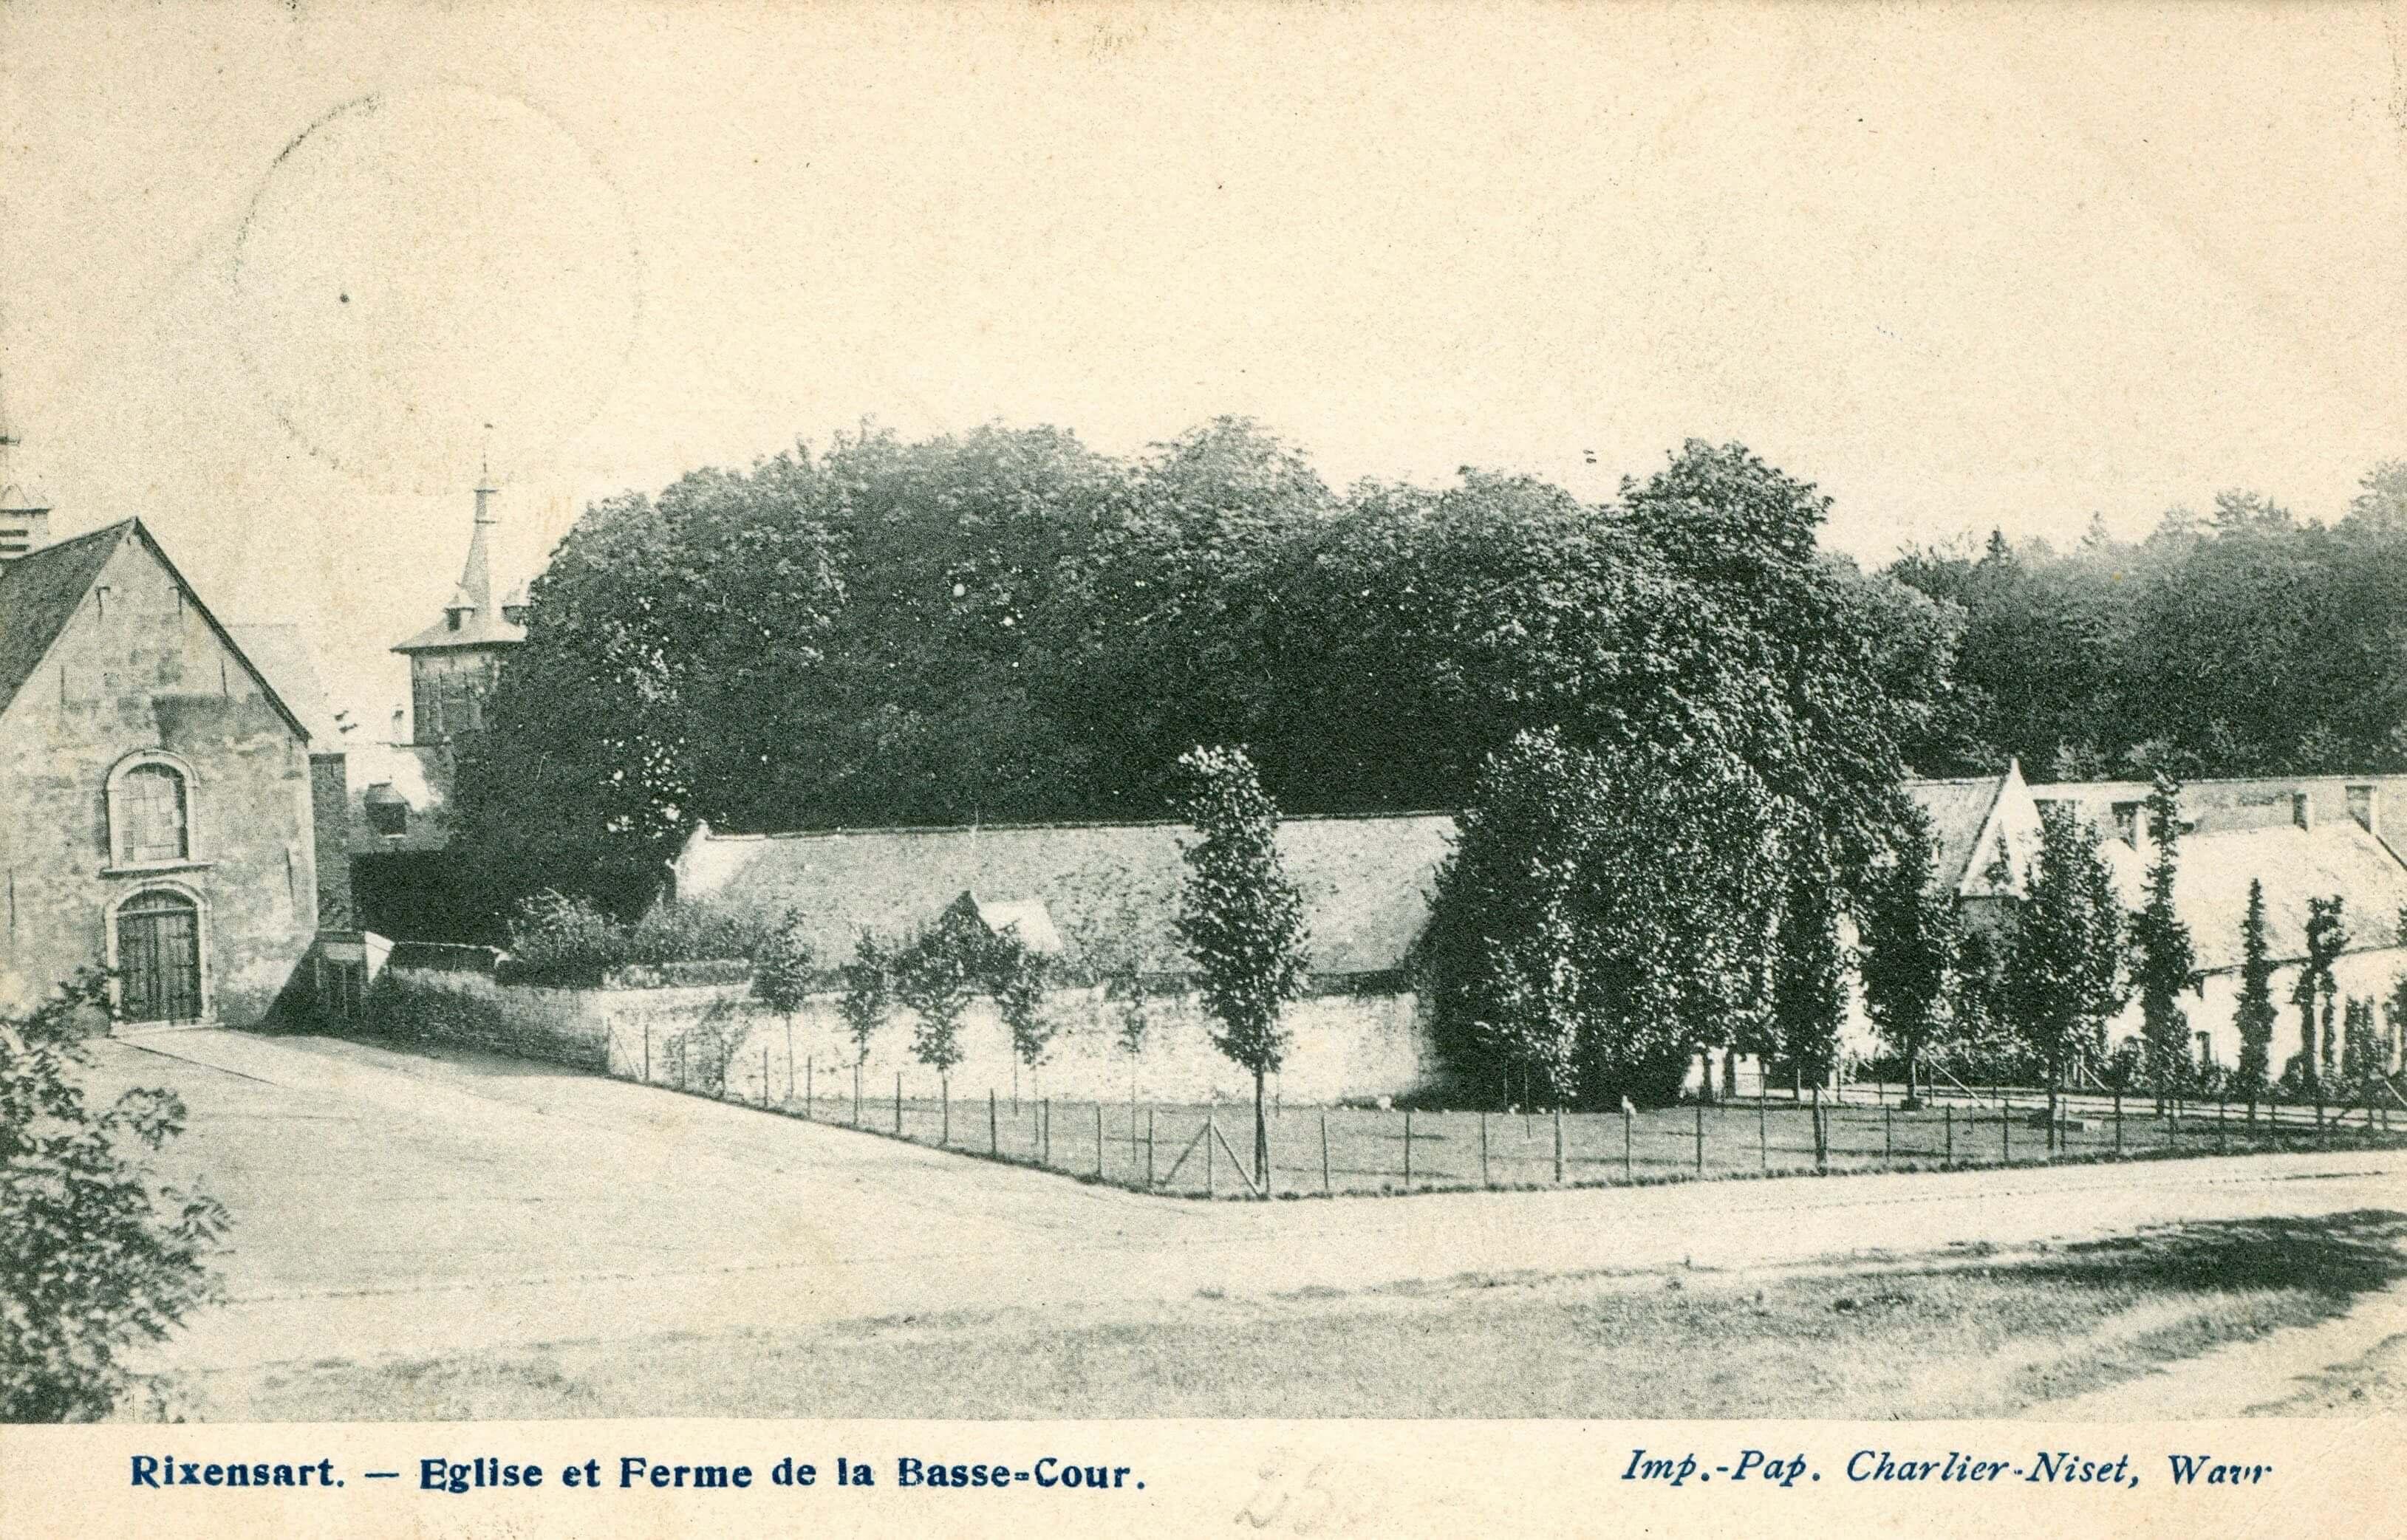 1 Neuf Tilleuls Eglise et Ferme de la Basse-Cour 149 1906 coll Martin JCR